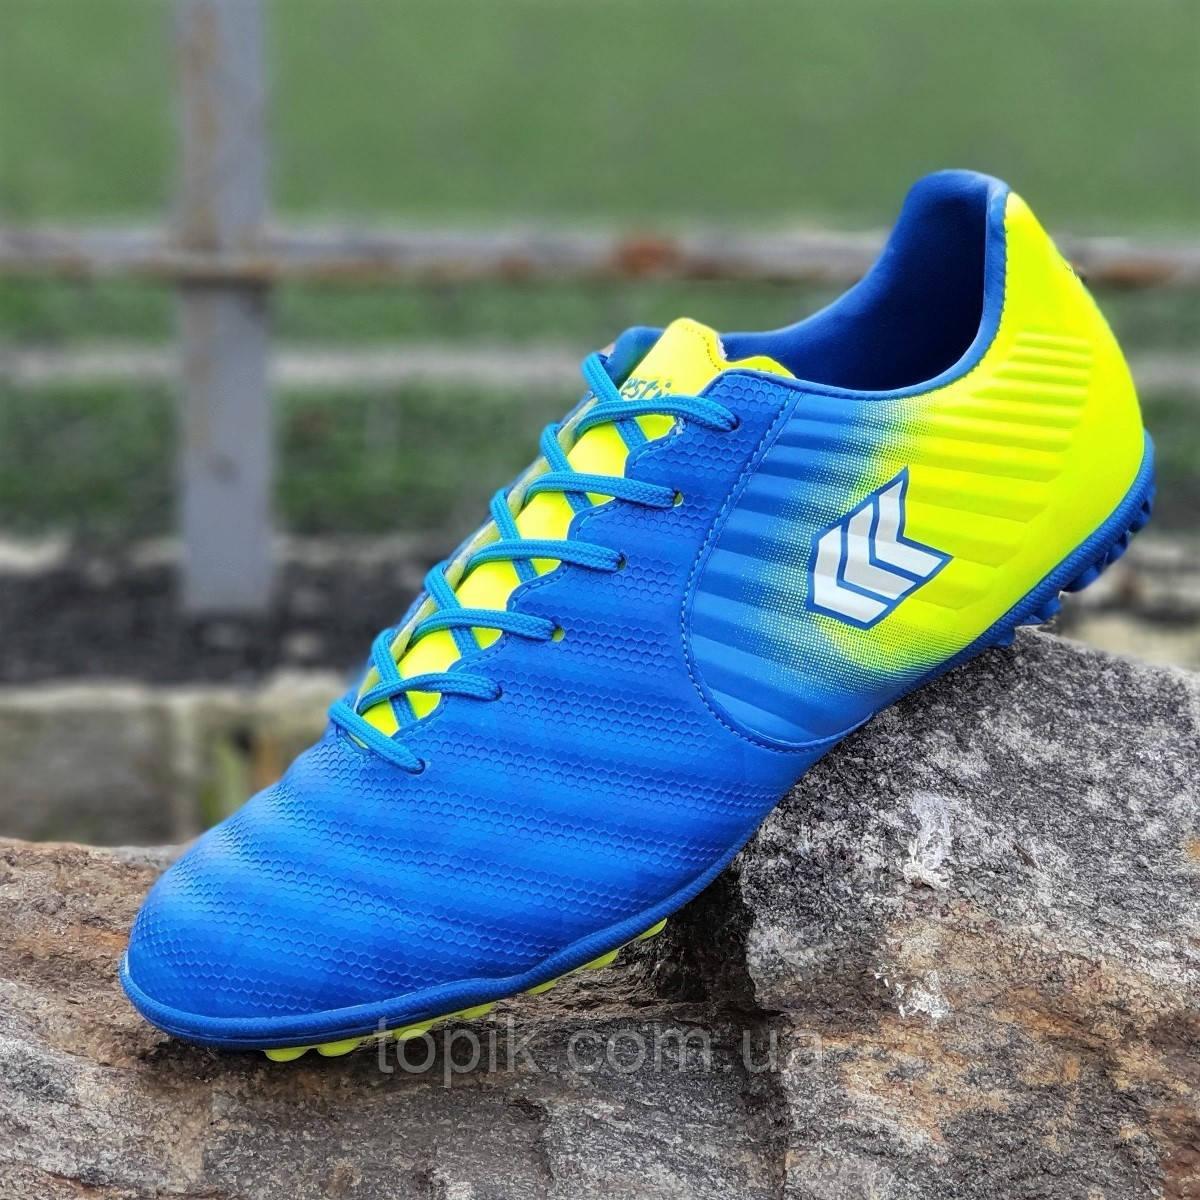 Сороконожки, бампы, кроссовки для футбола синие с желтым задником прошитый носок легкие (Код: 1333)